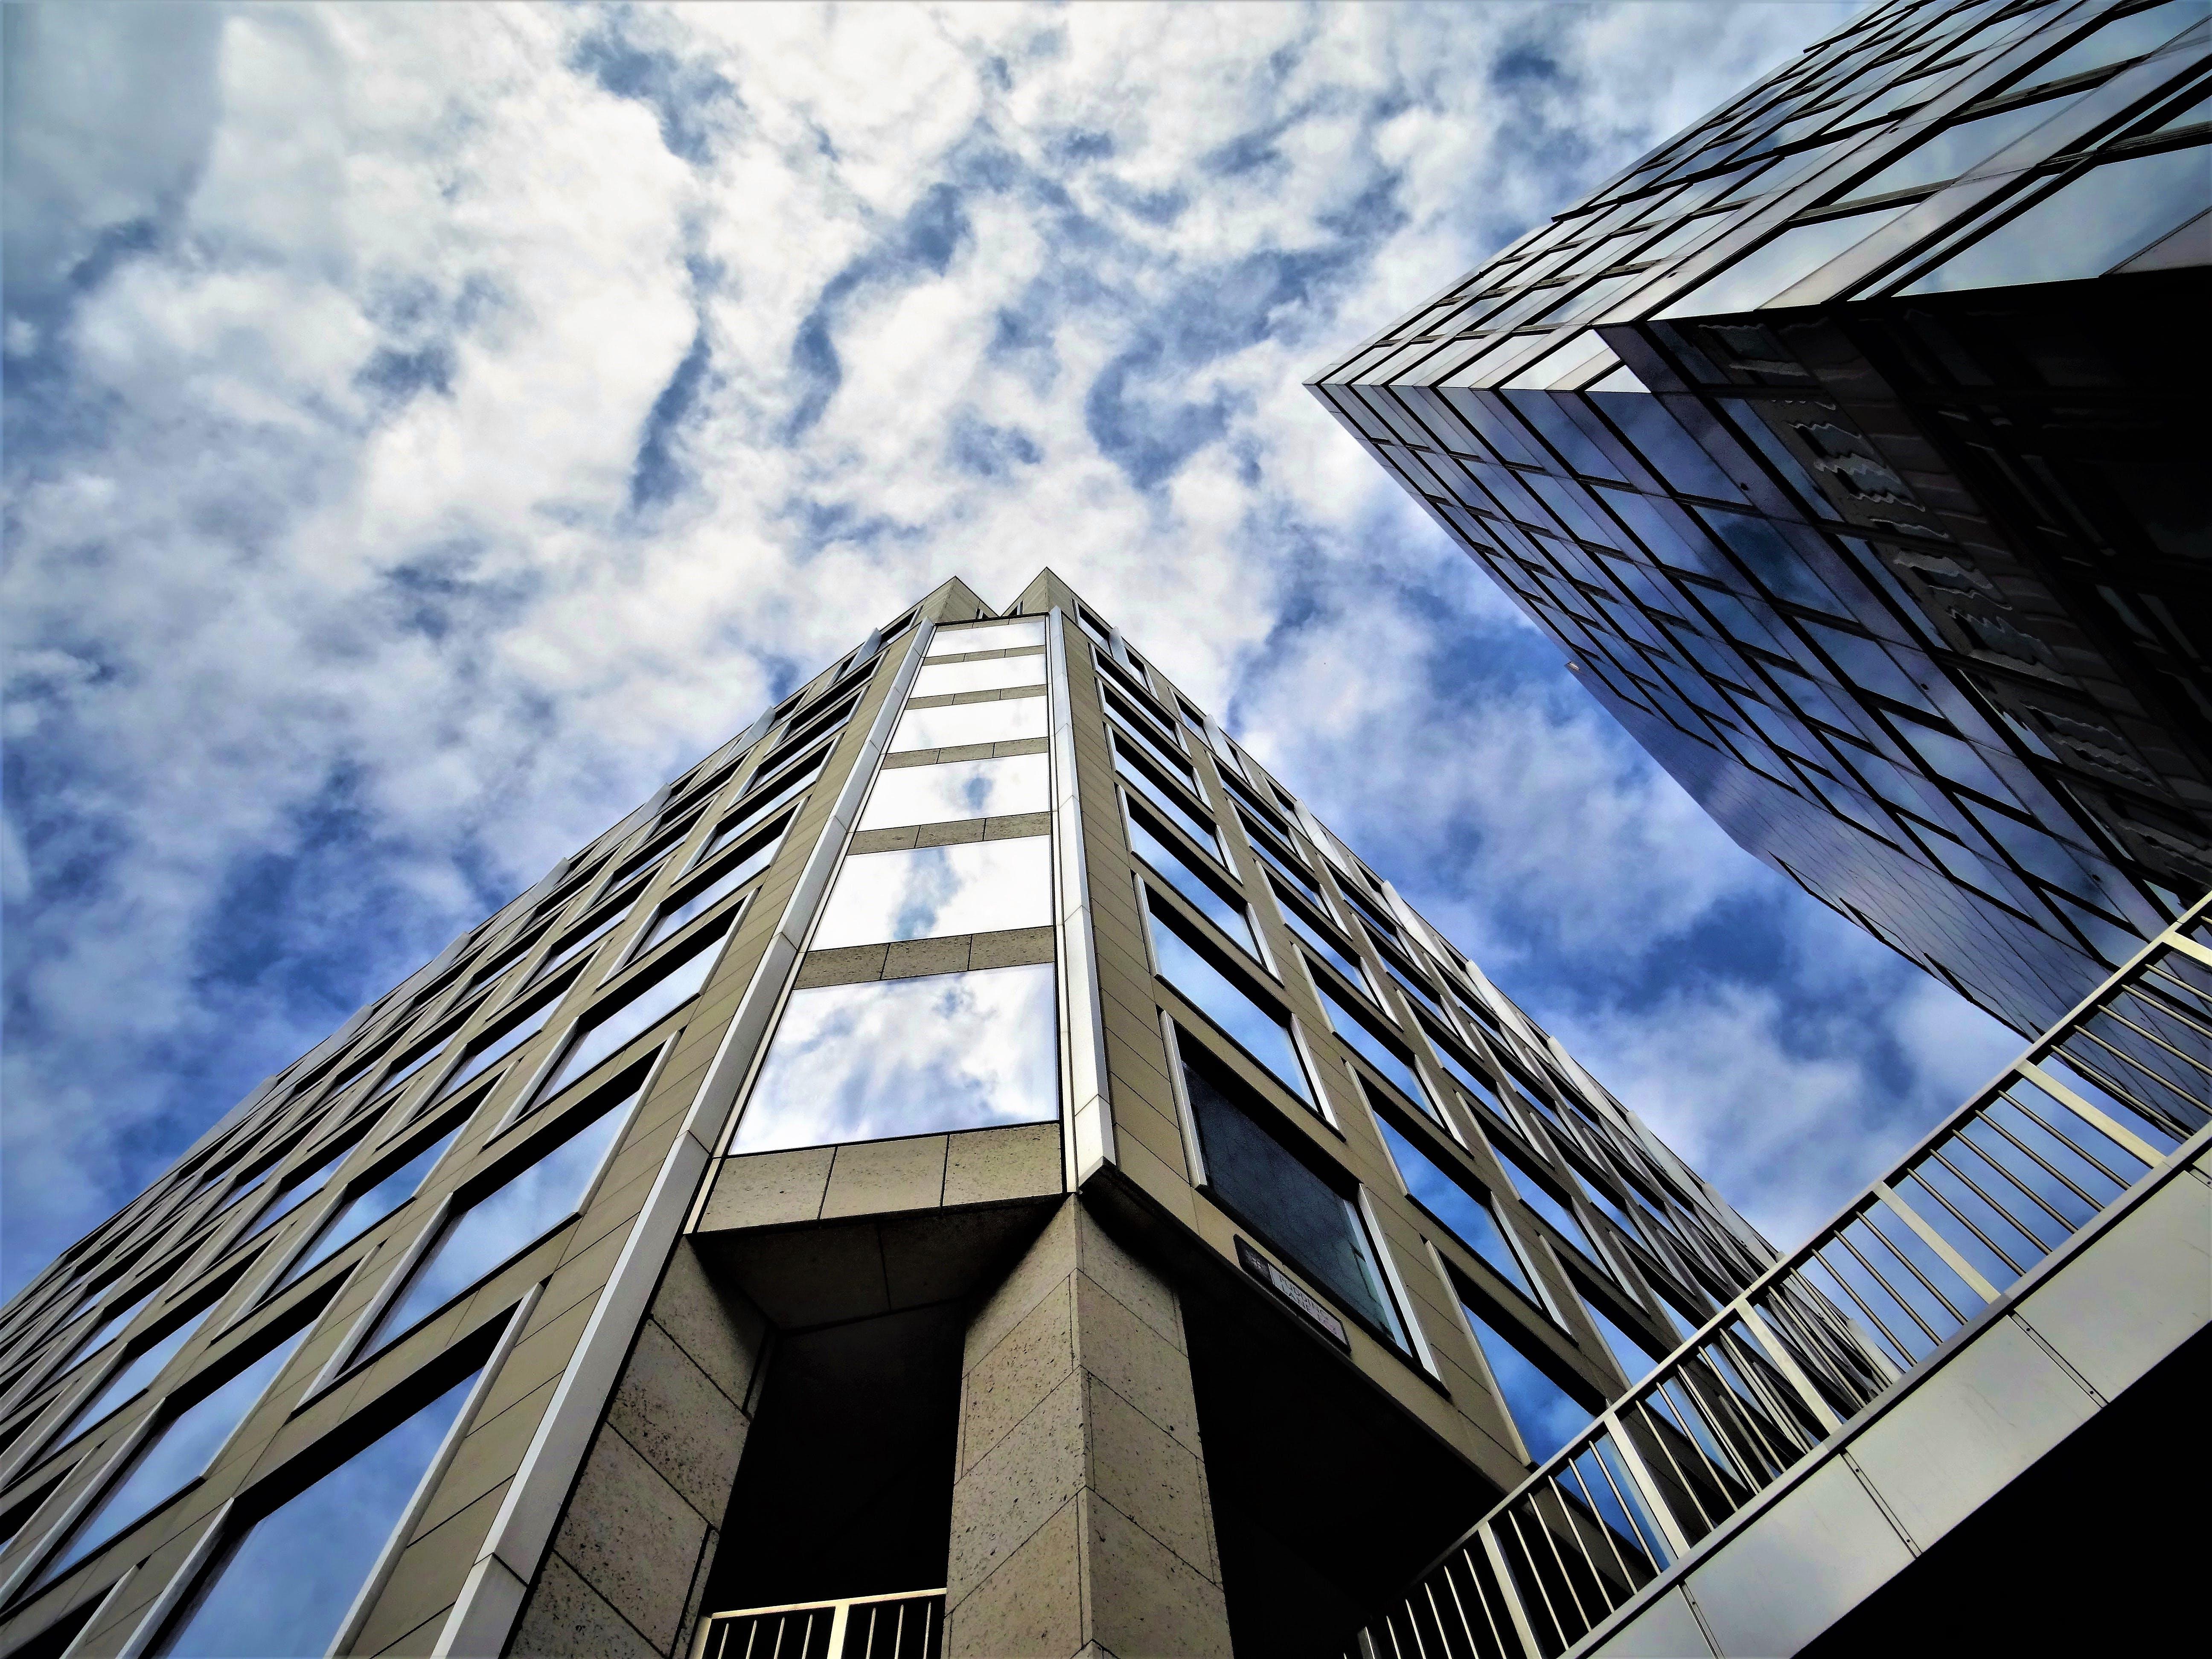 Бесплатное стоковое фото с архитектура, Архитектурное проектирование, горизонт, здания